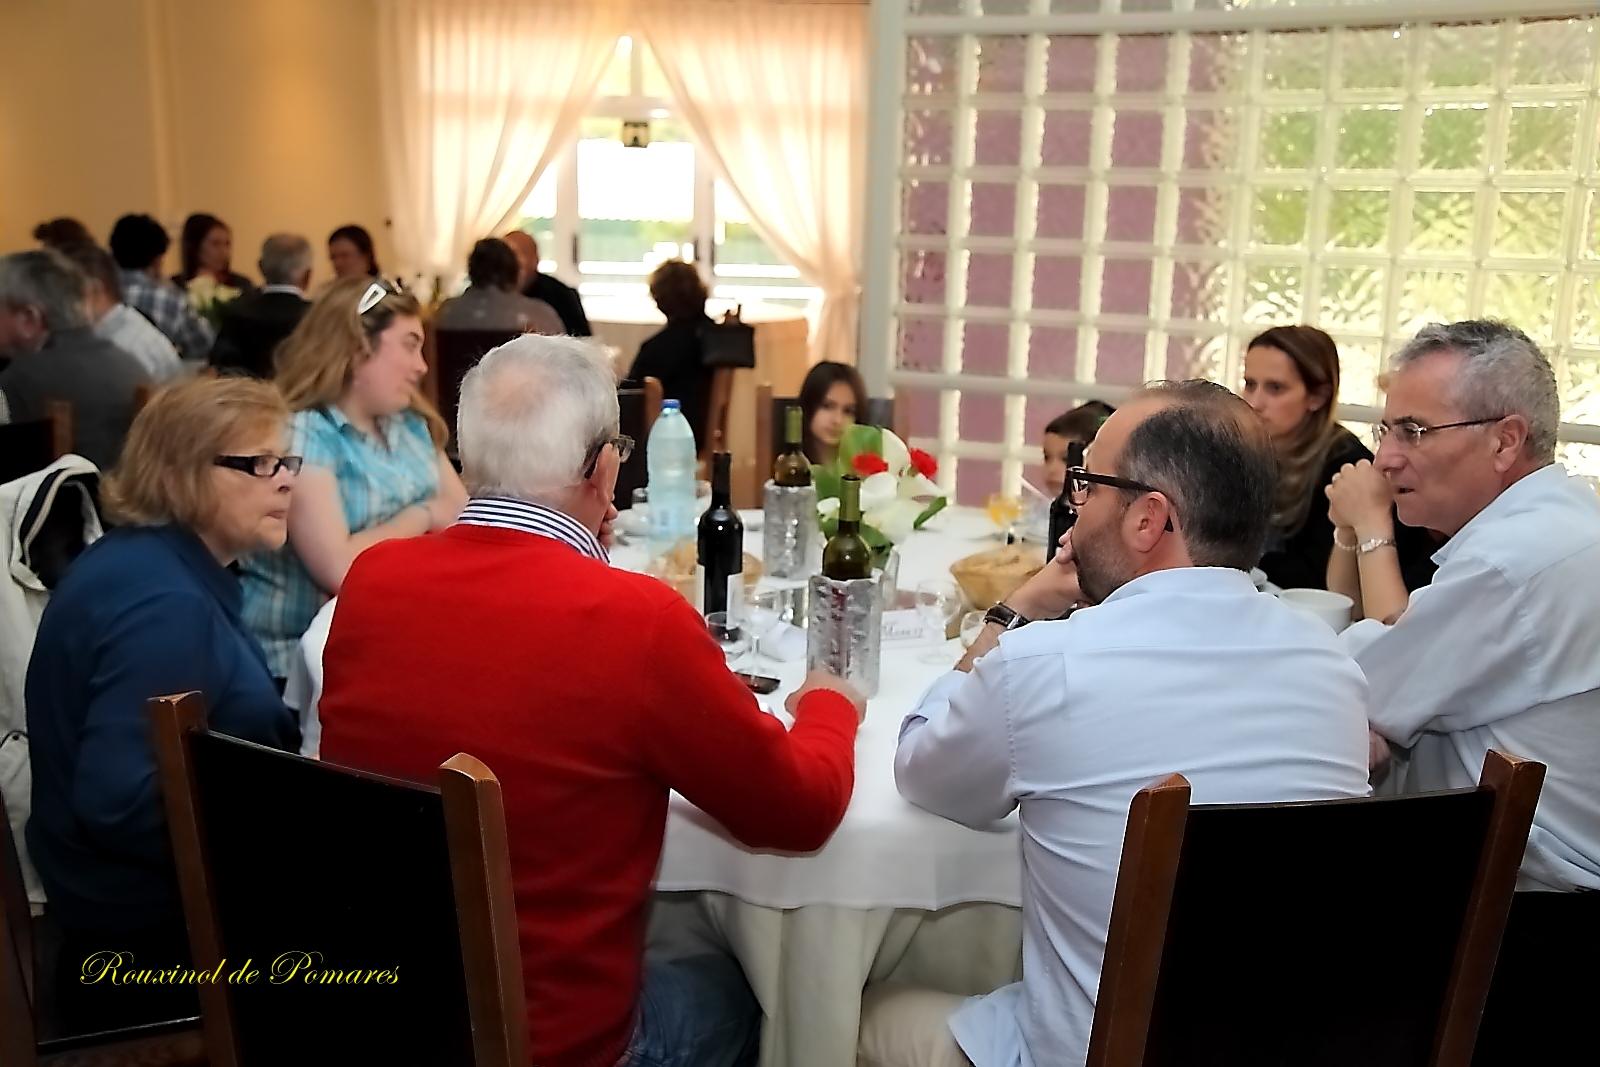 Almoço Comemoração 95 Anos Sociedade  (14)